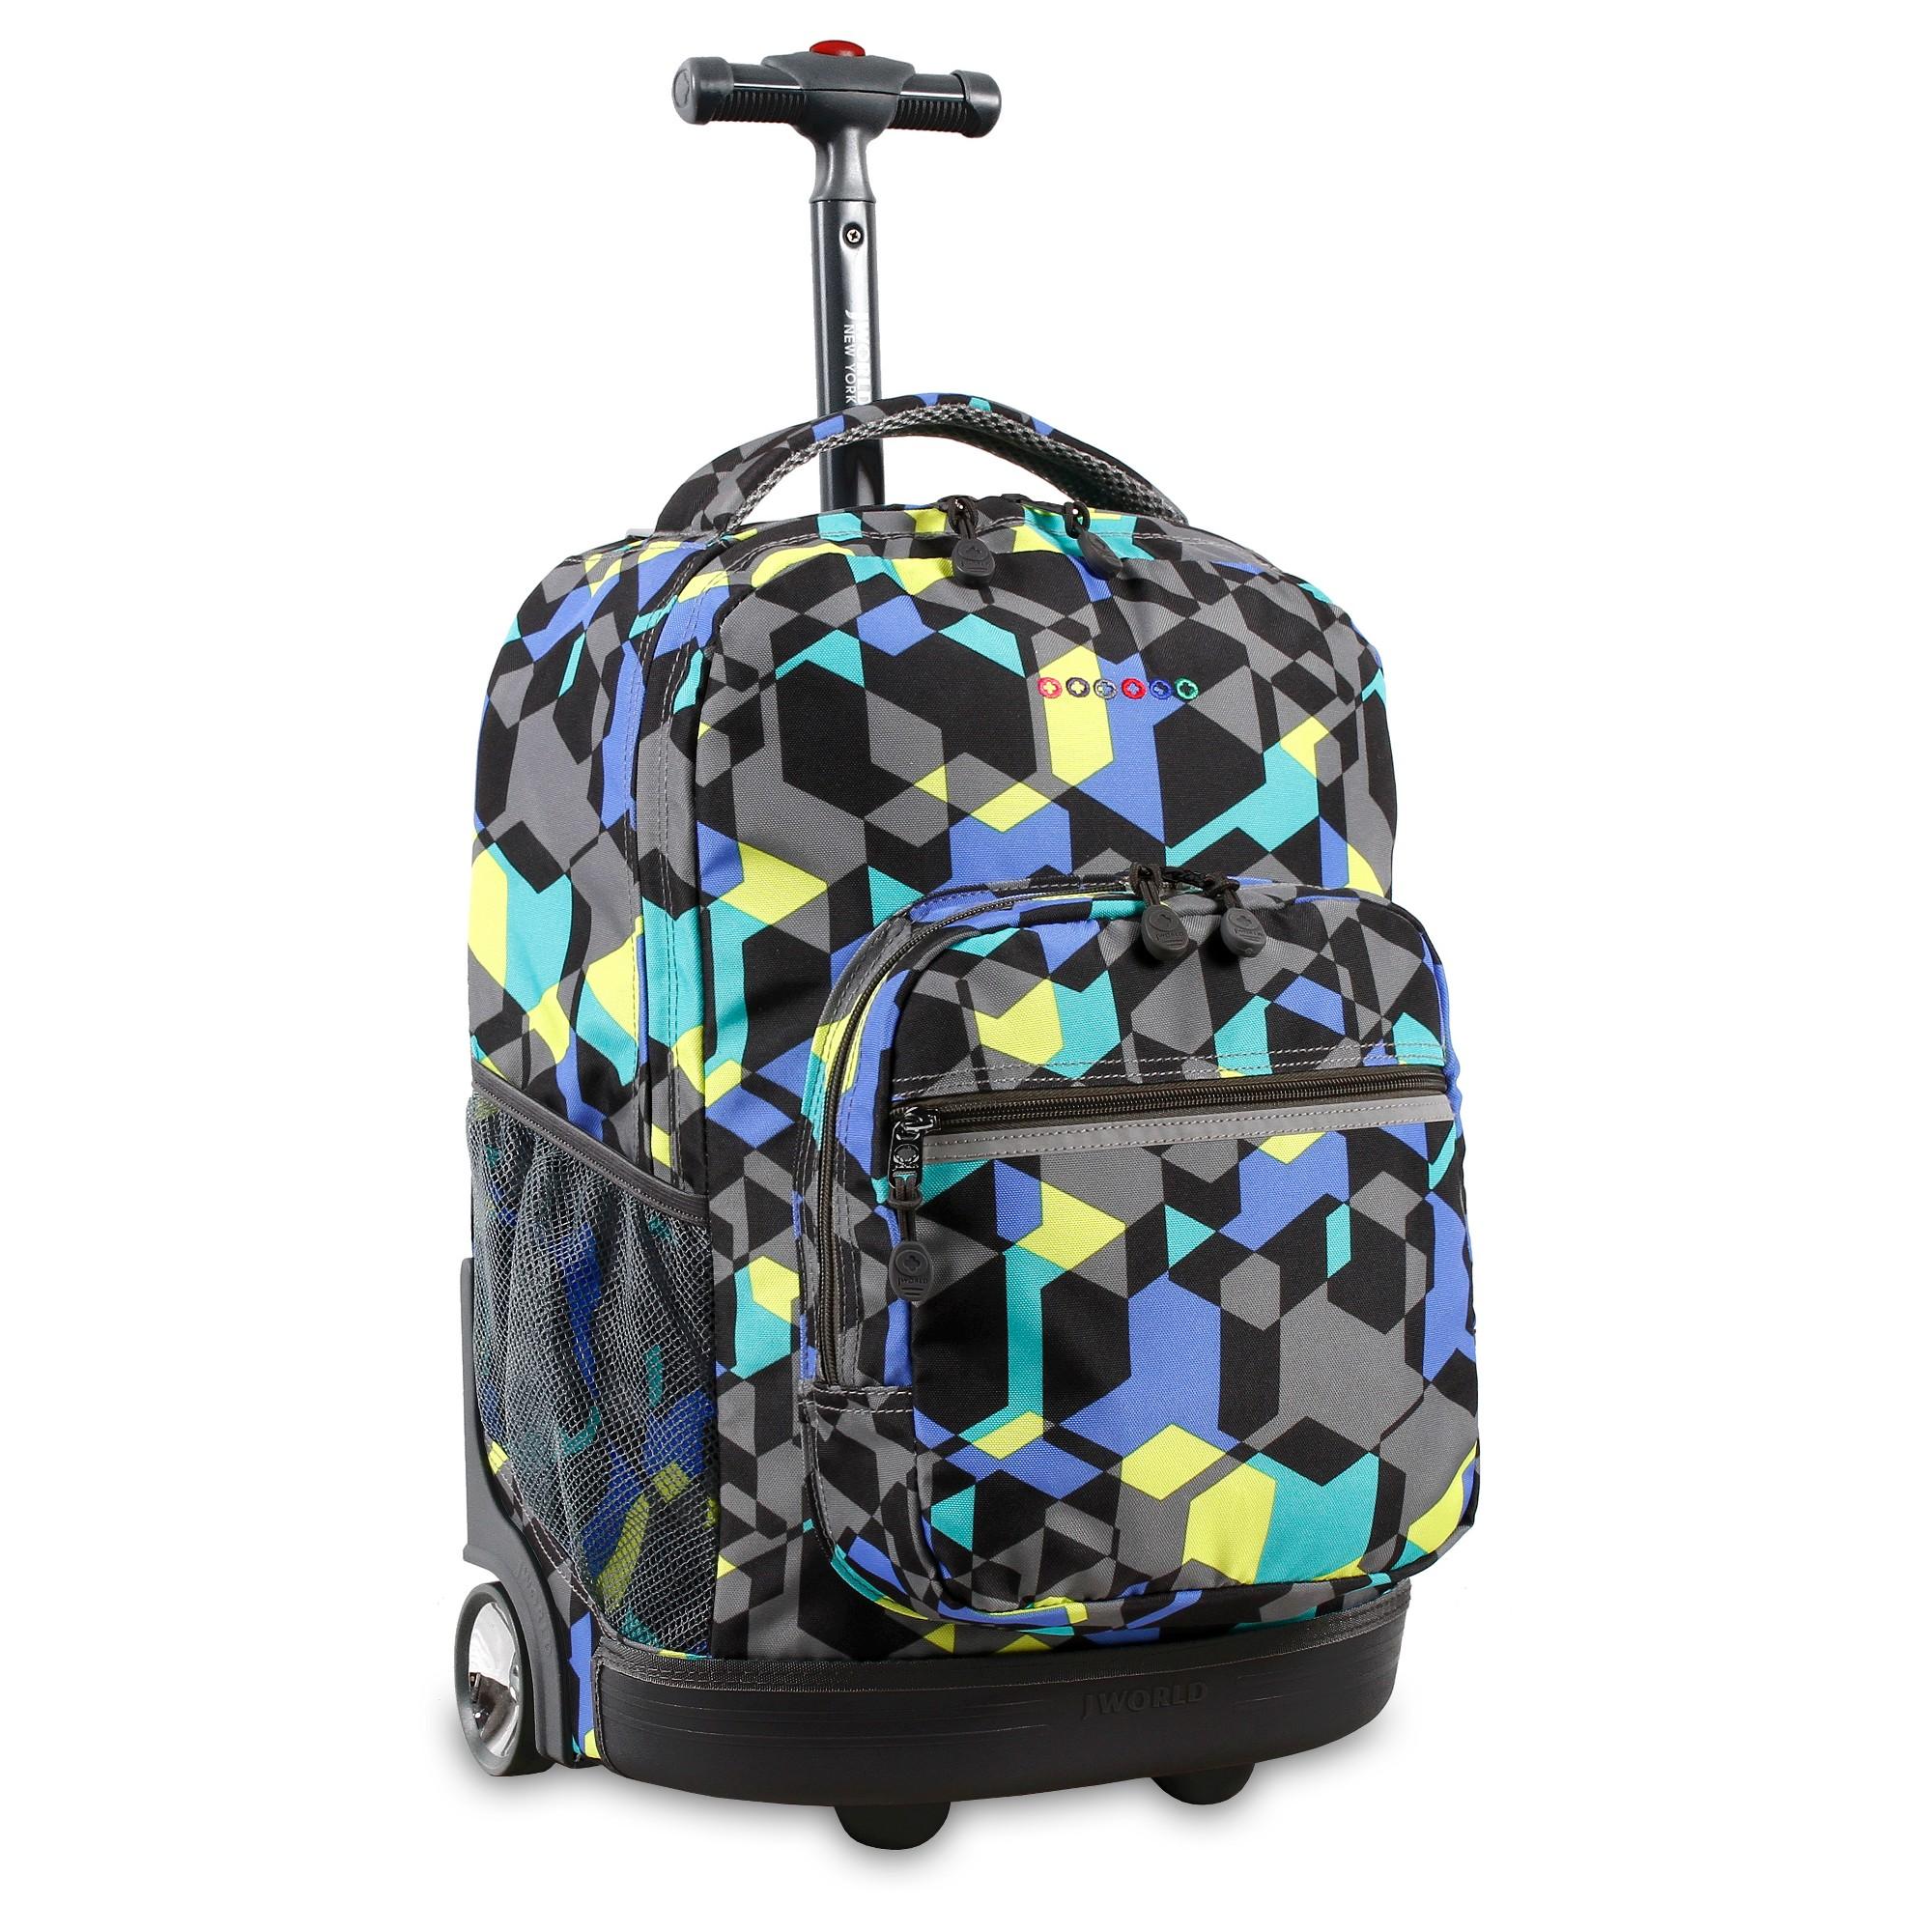 J World Sunrise Rolling Backpack - Cubes, Black | Rolling backpack ...